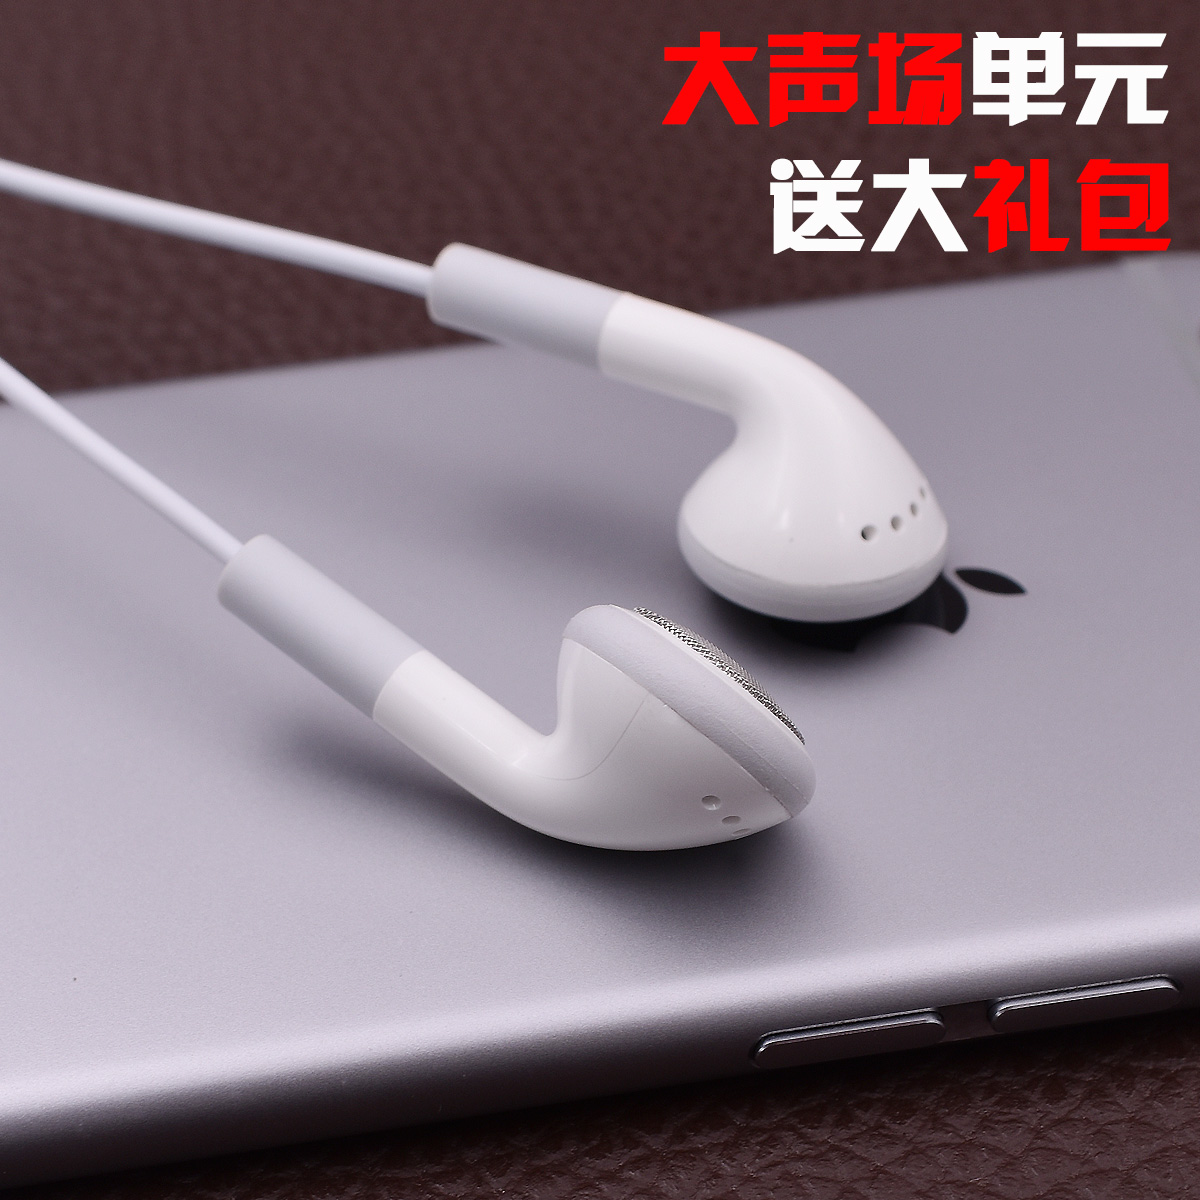 飚声电脑普通用加长线有1.2/2米版入耳塞式mp3耳机老式圆头圆孔